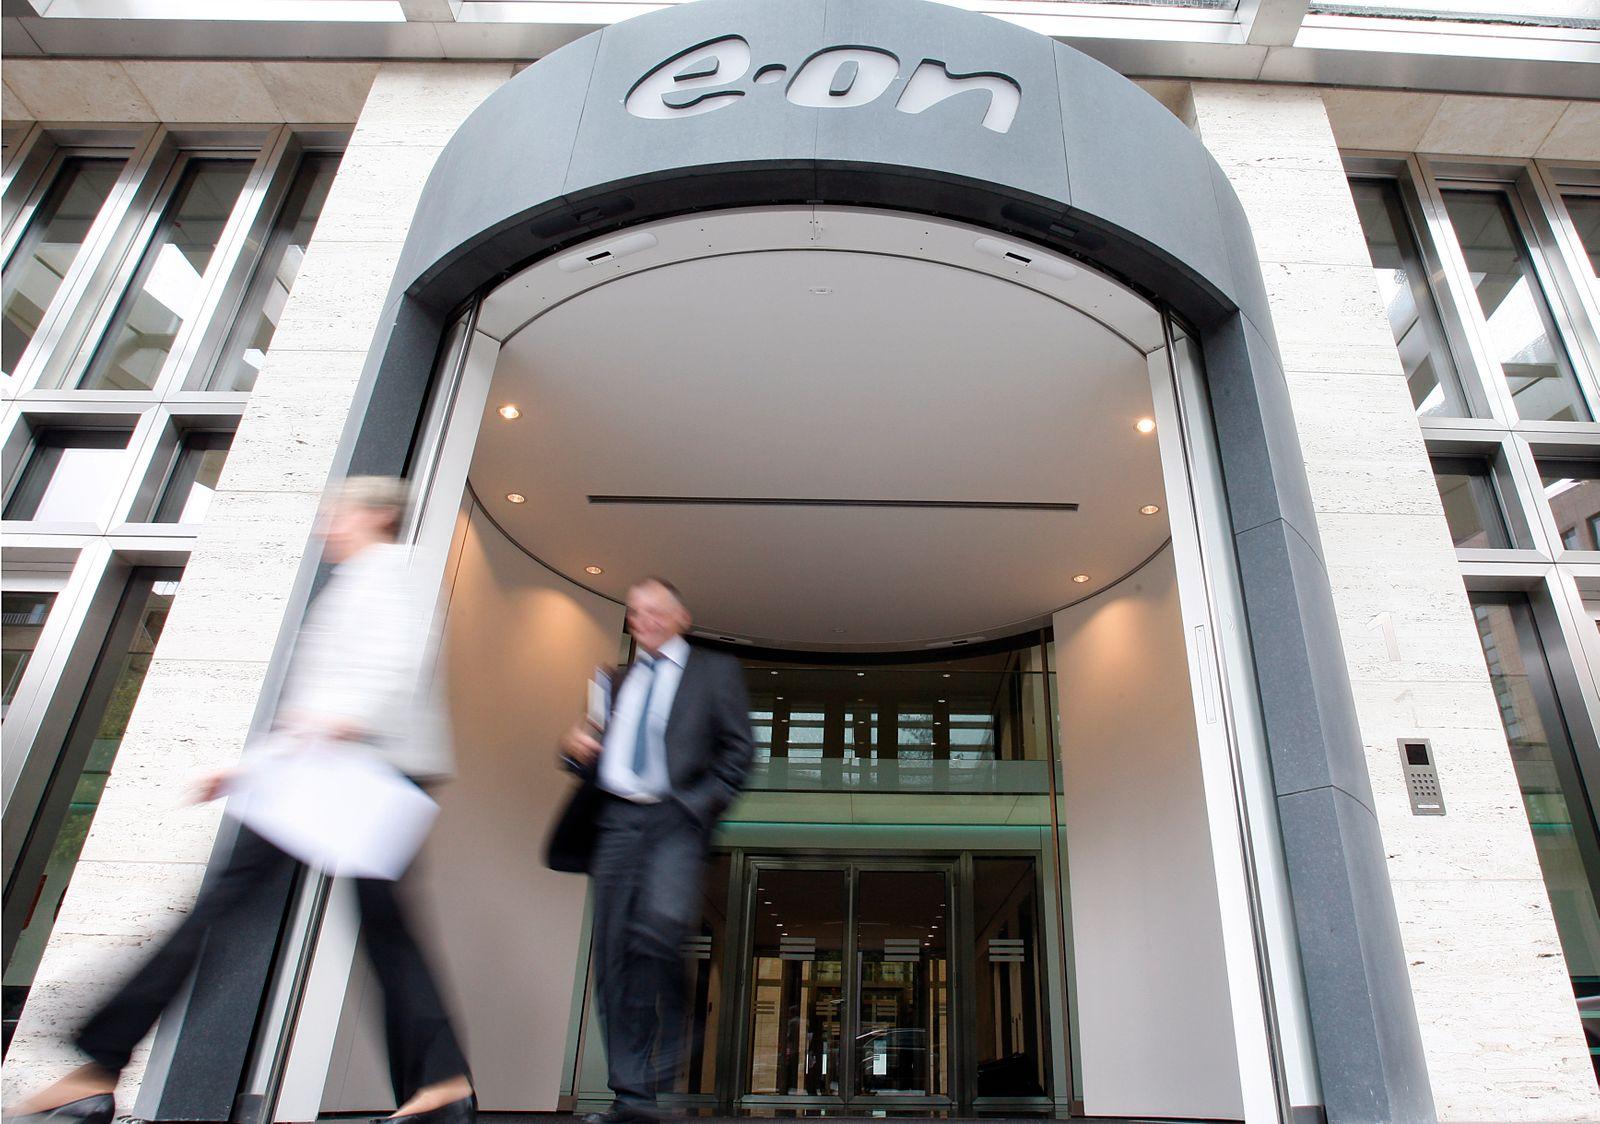 Eon / E-on-Zentrale in Düsseldorf